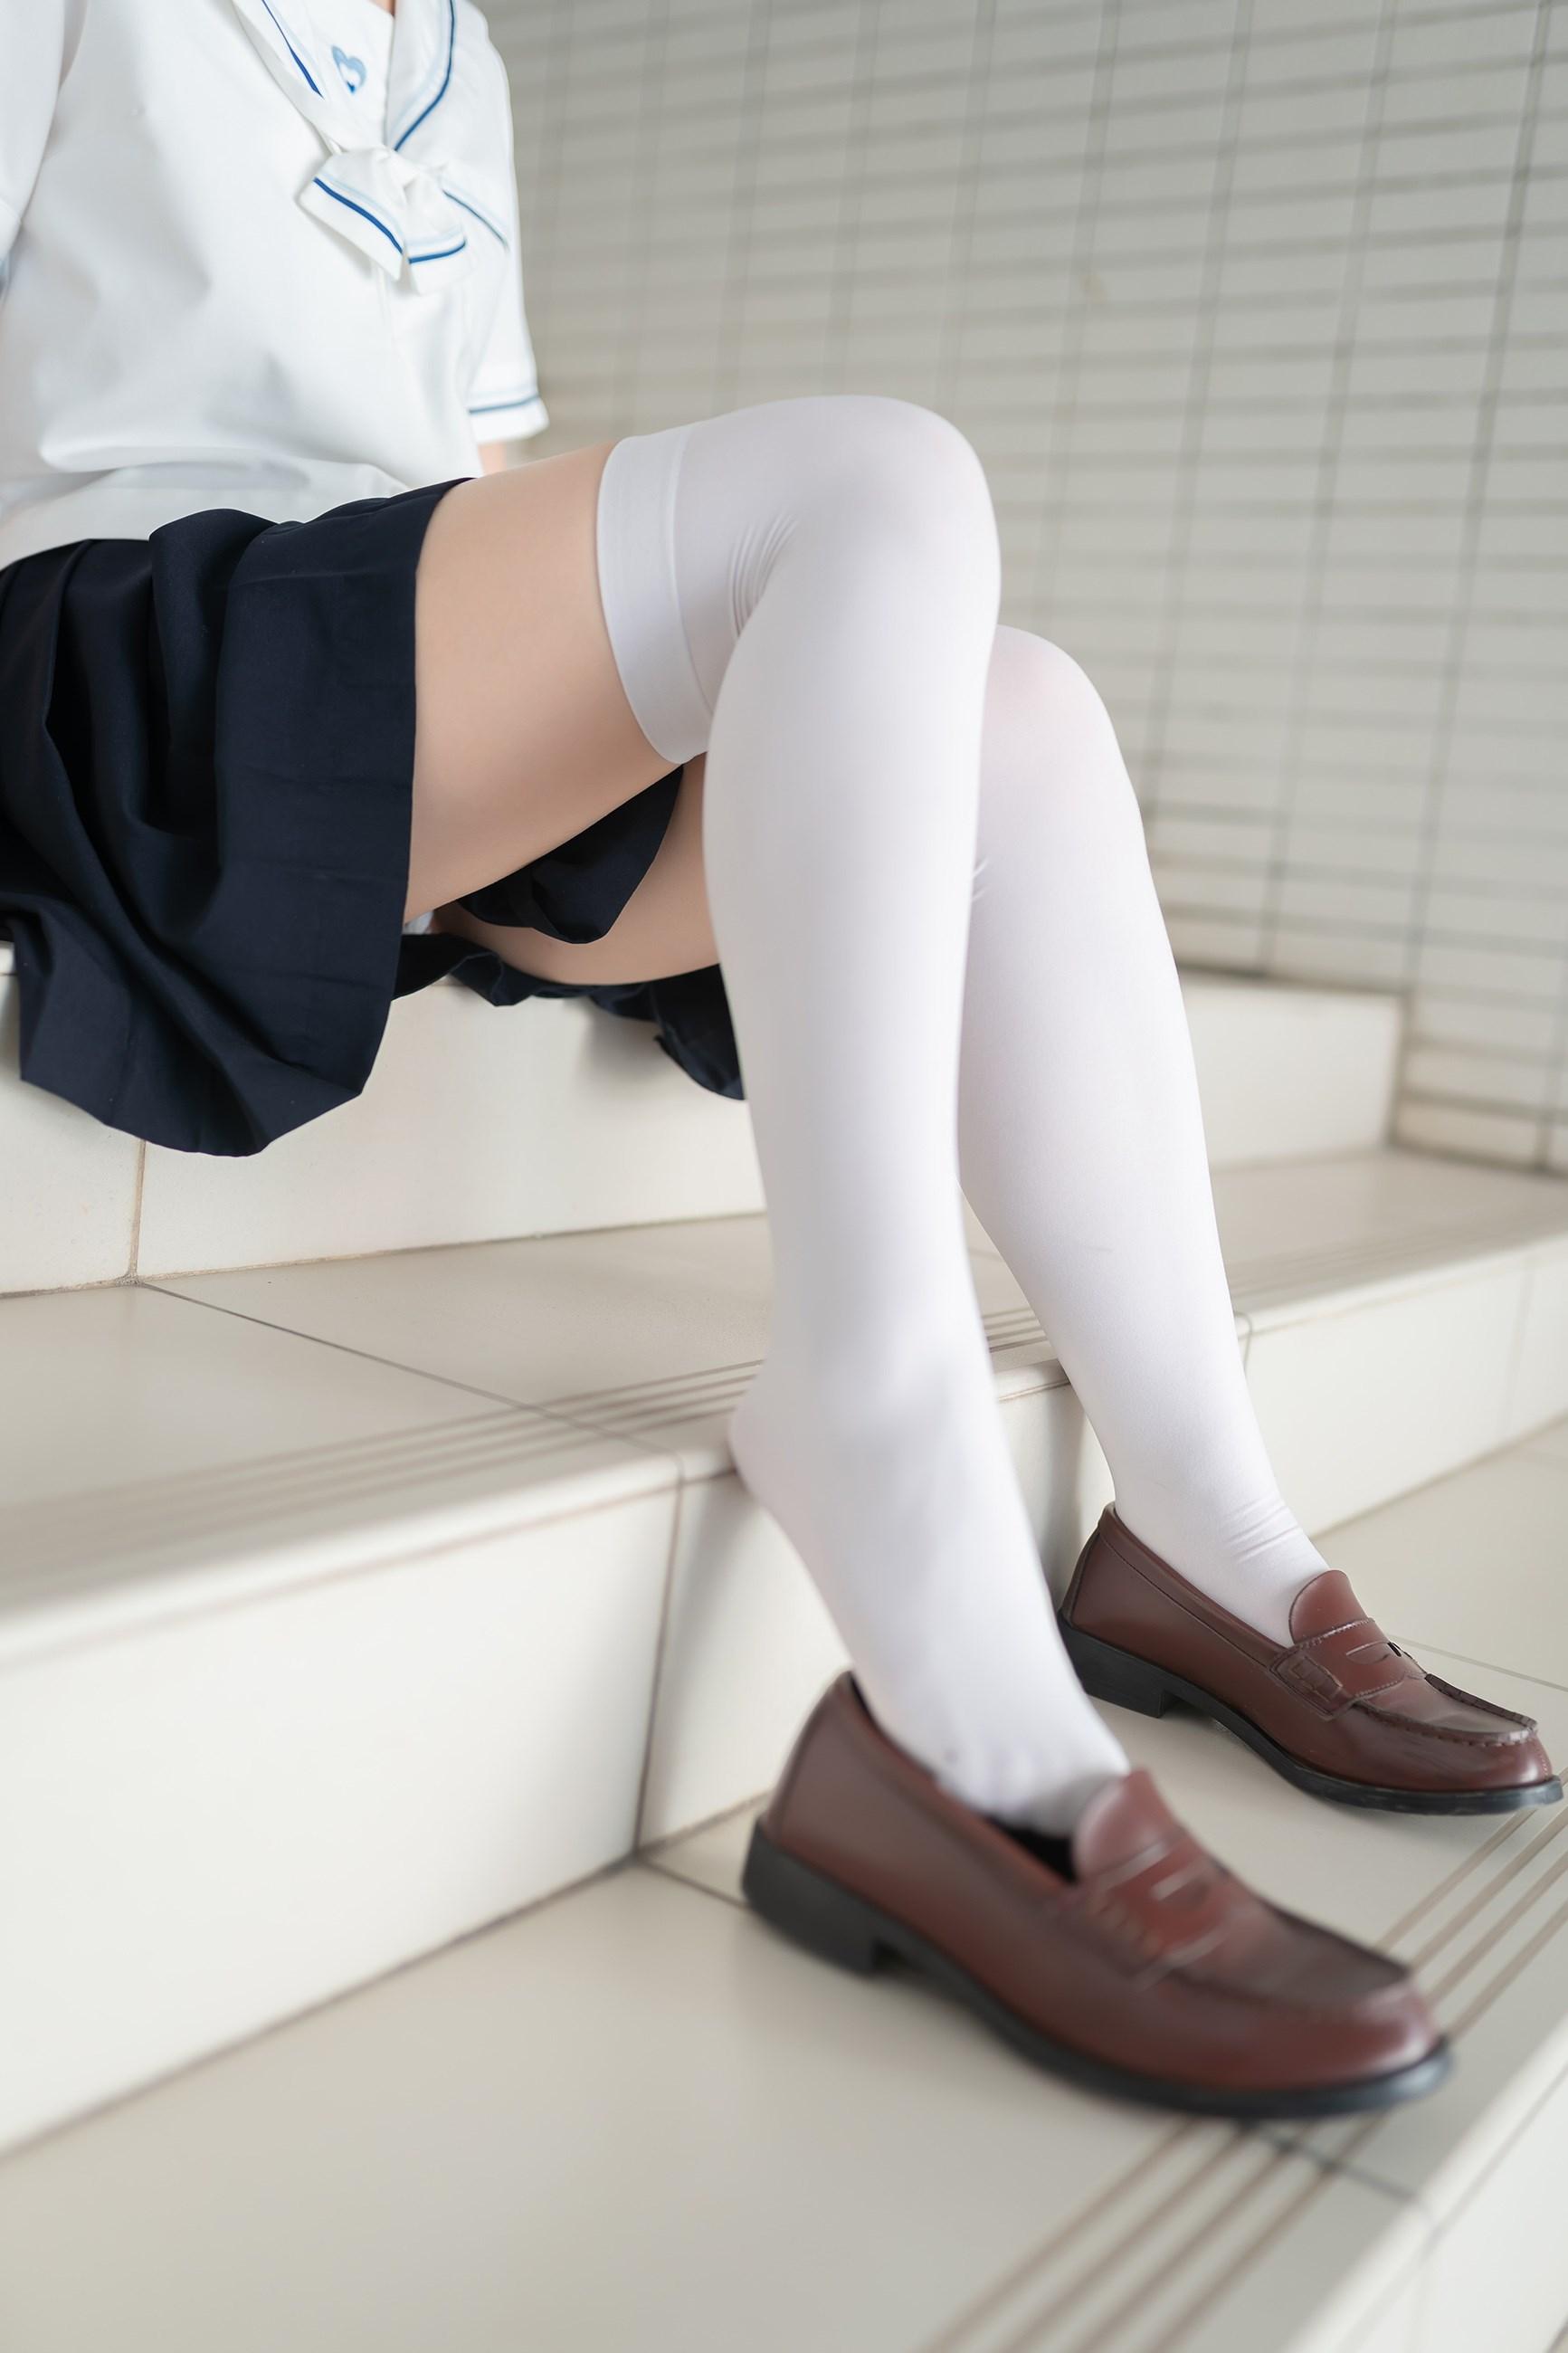 【兔玩映画】楼梯上的白丝少女 兔玩映画 第28张